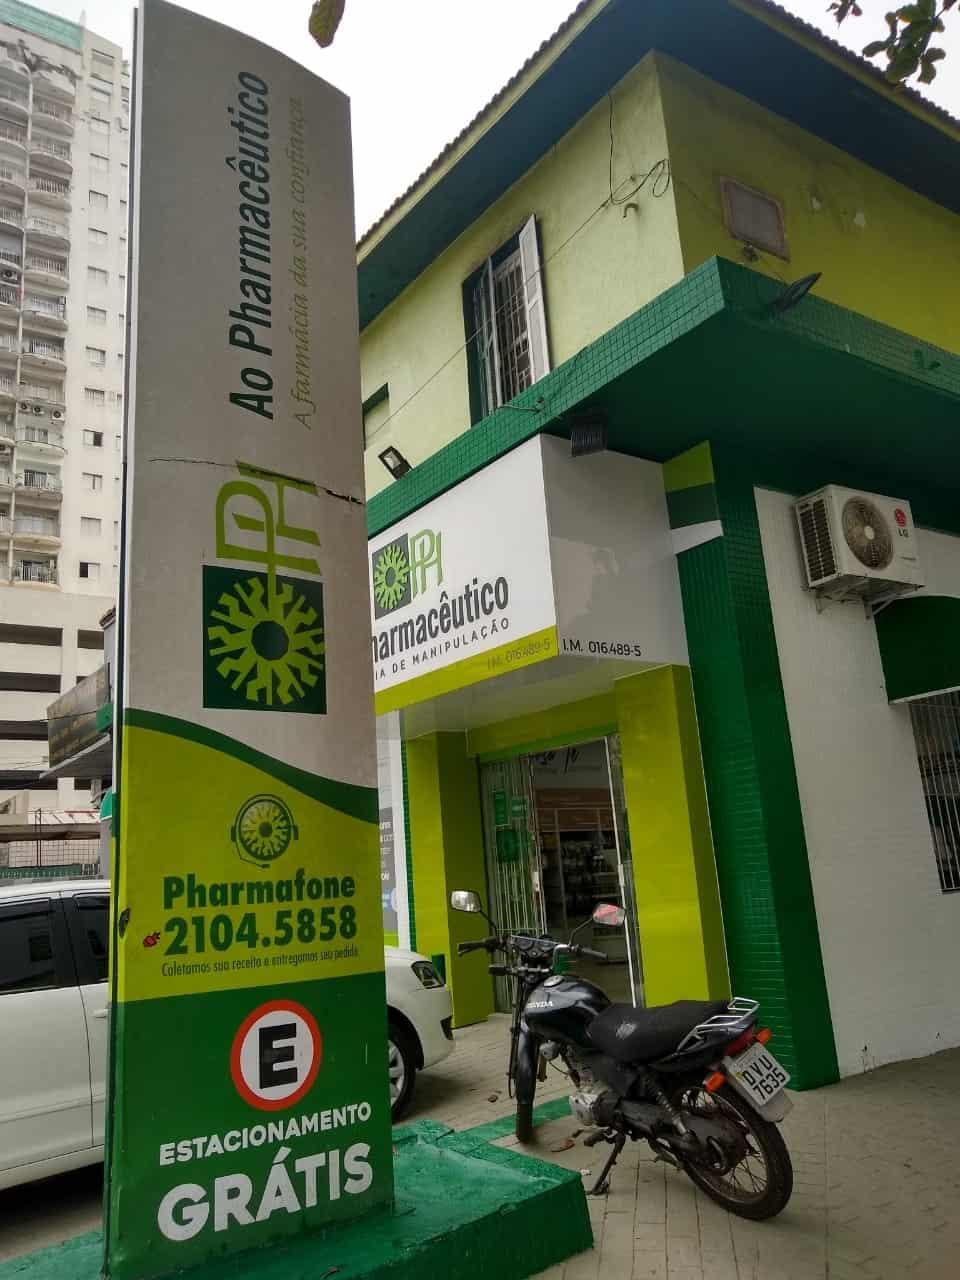 Totem   Ao Pharmacêutico